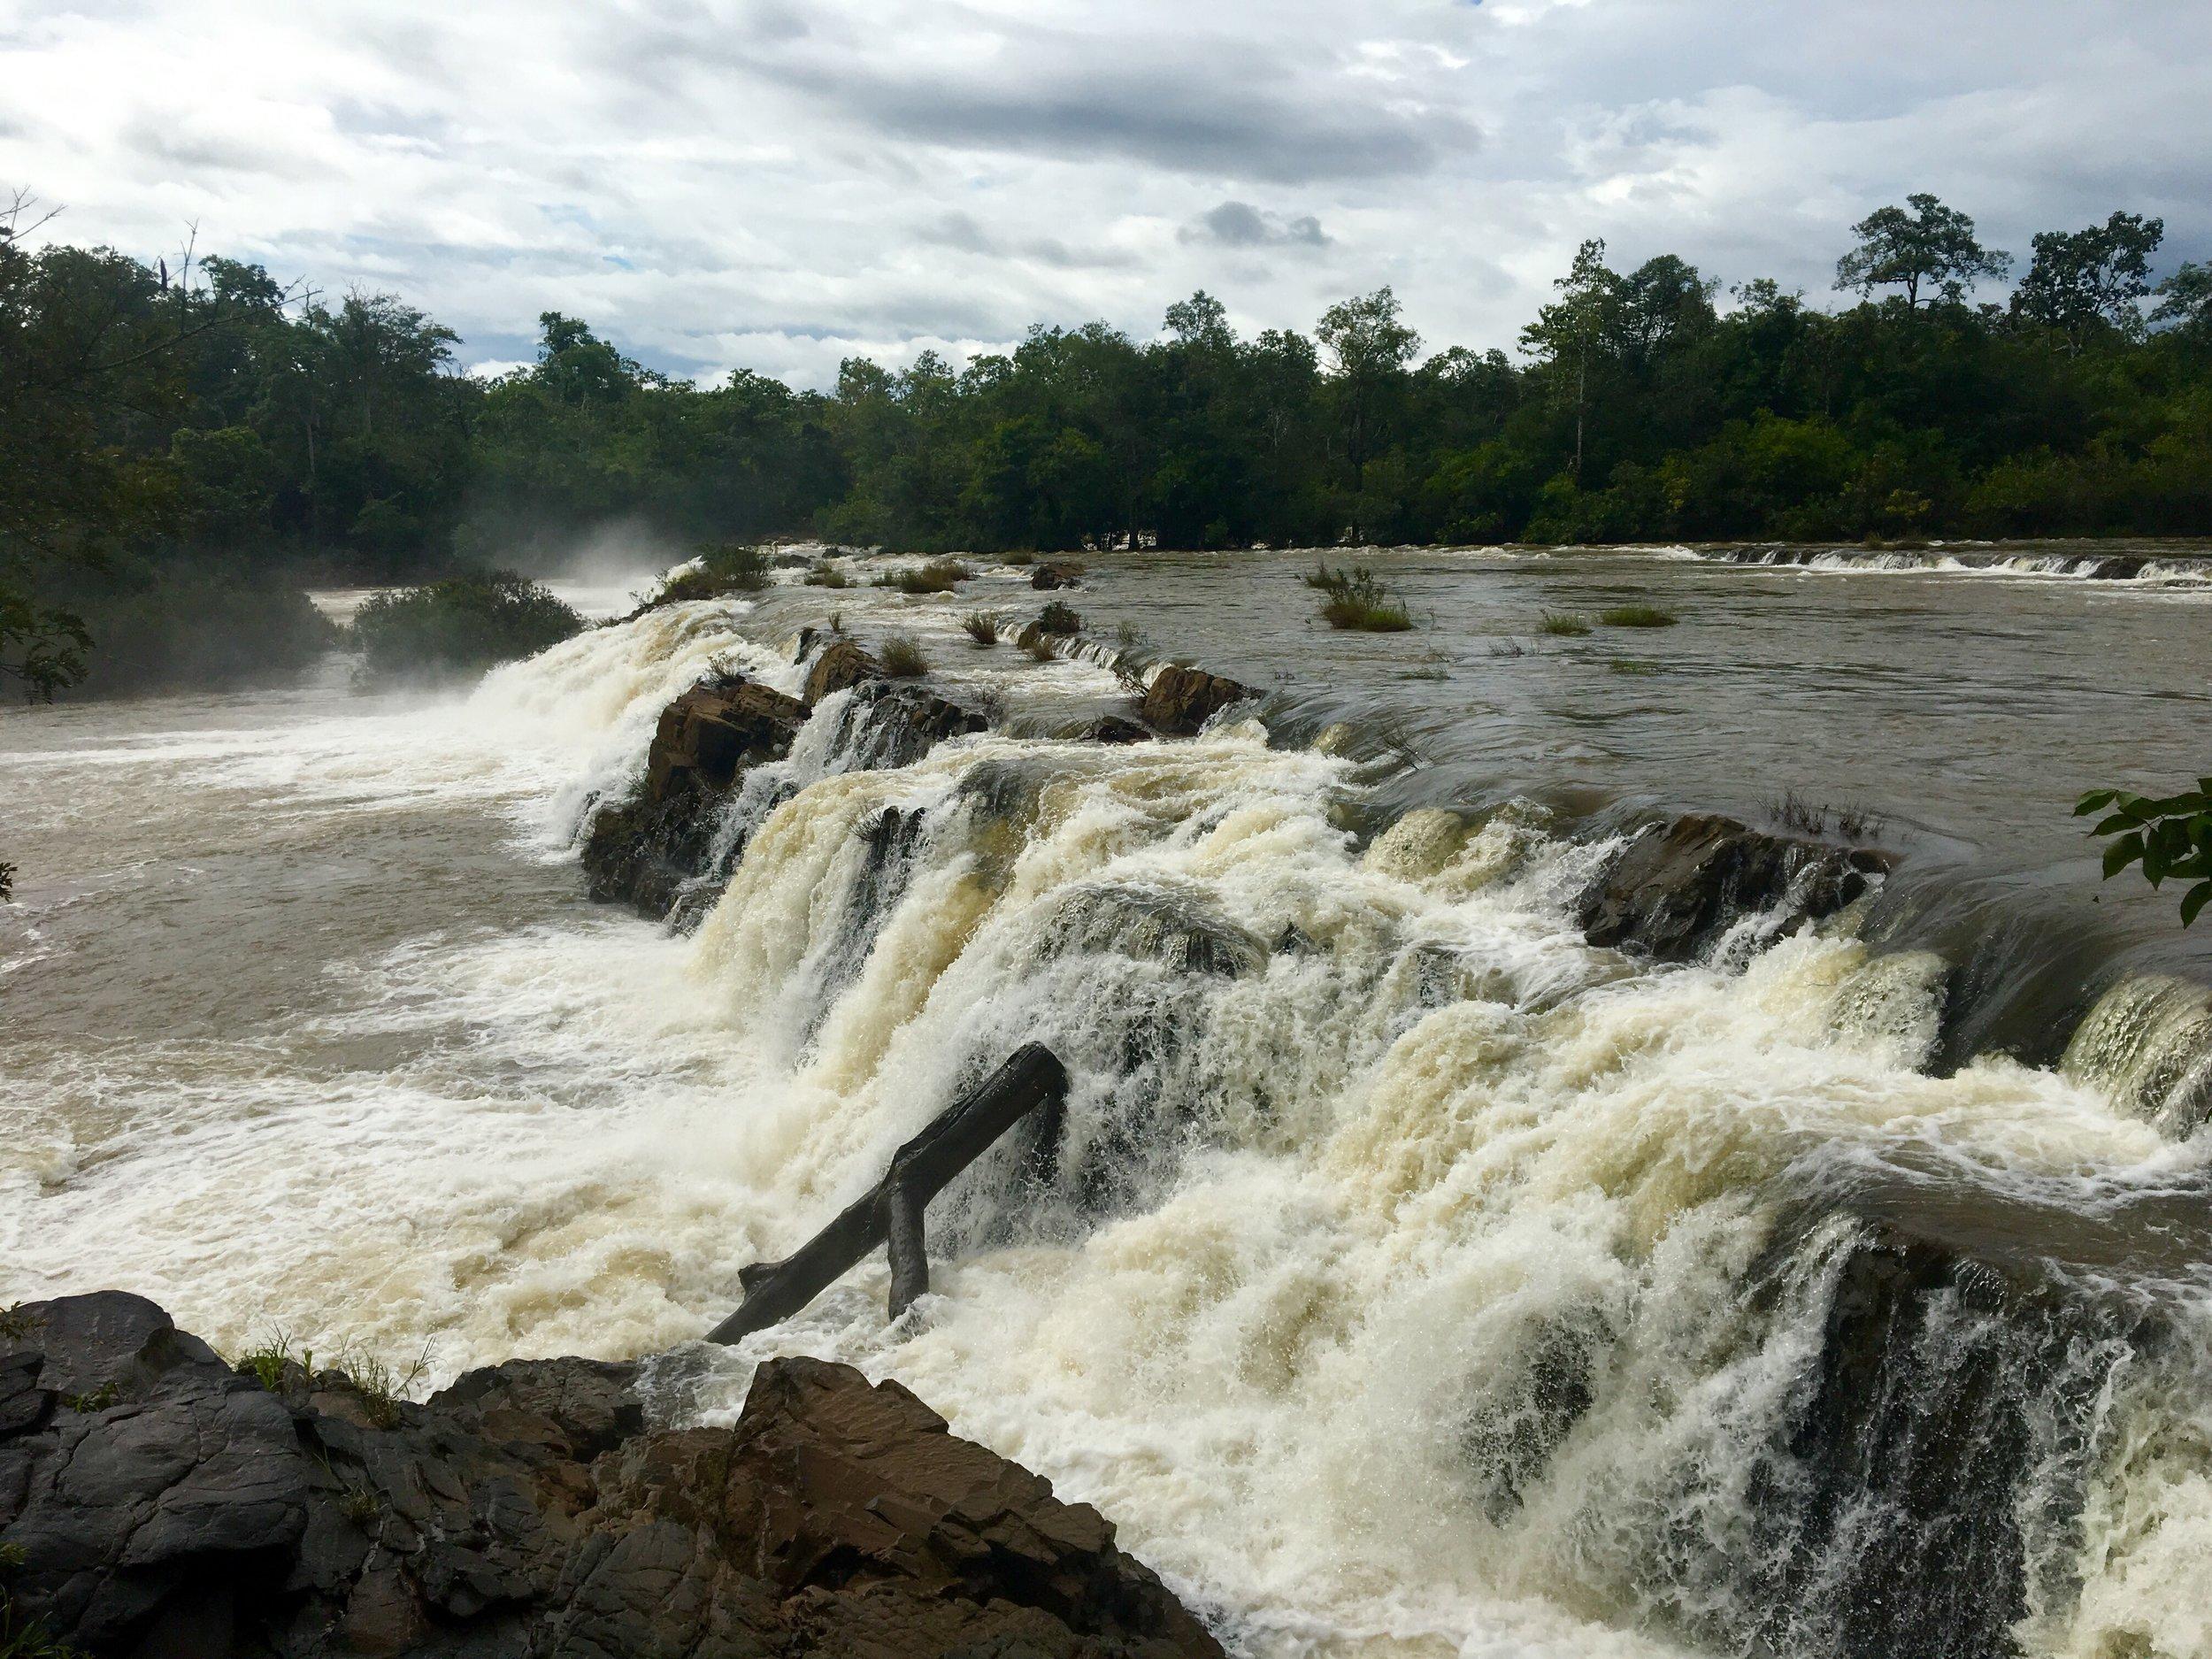 Waterfalls starting to get bigger